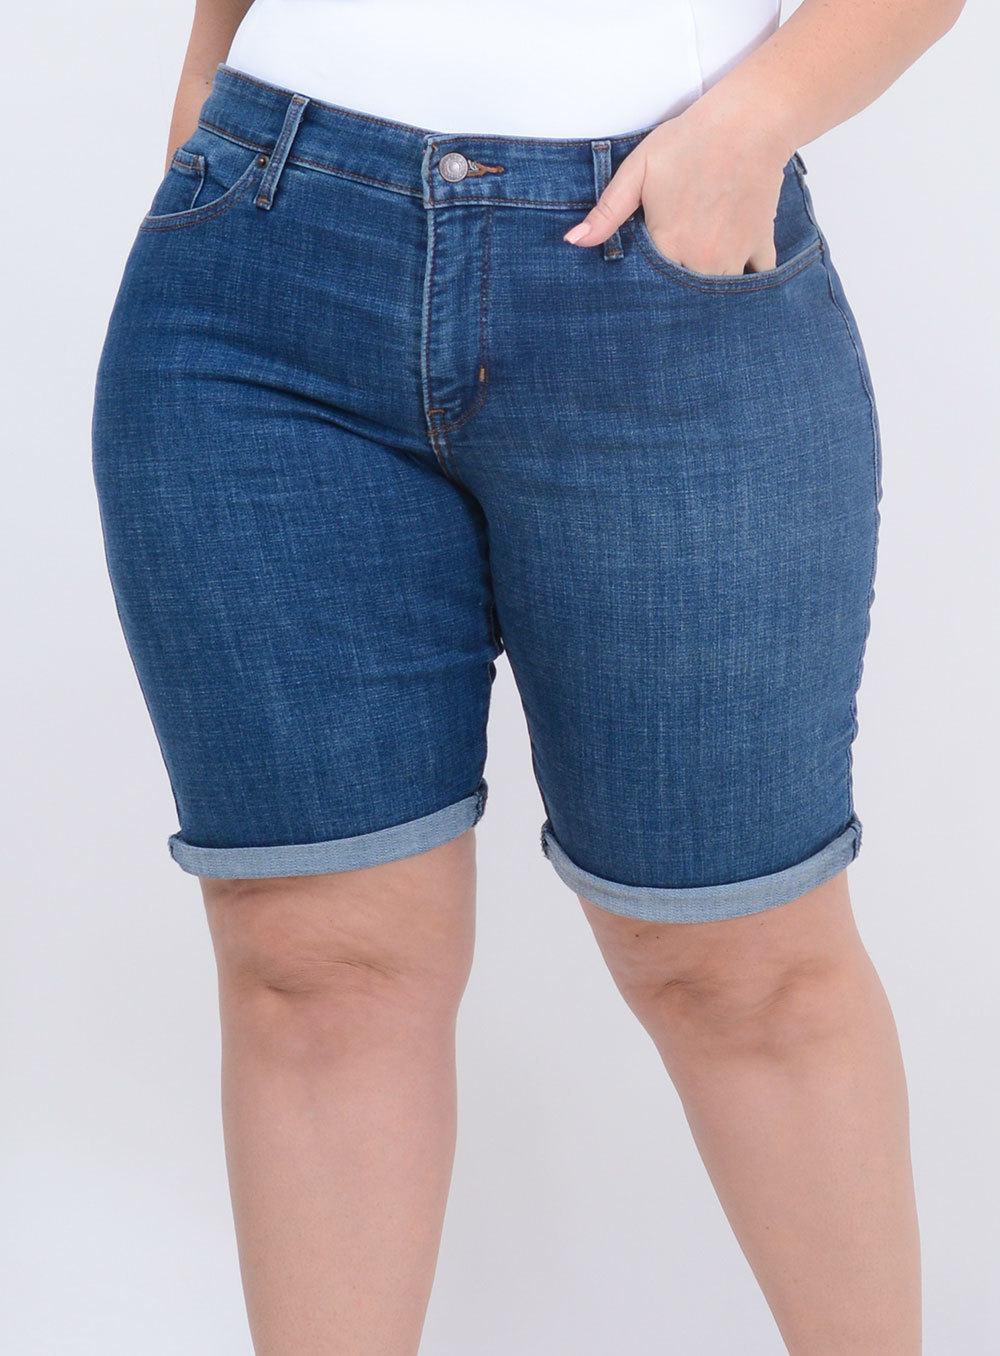 Bermuda Levi's Jeans Feminina ref. LV236460004